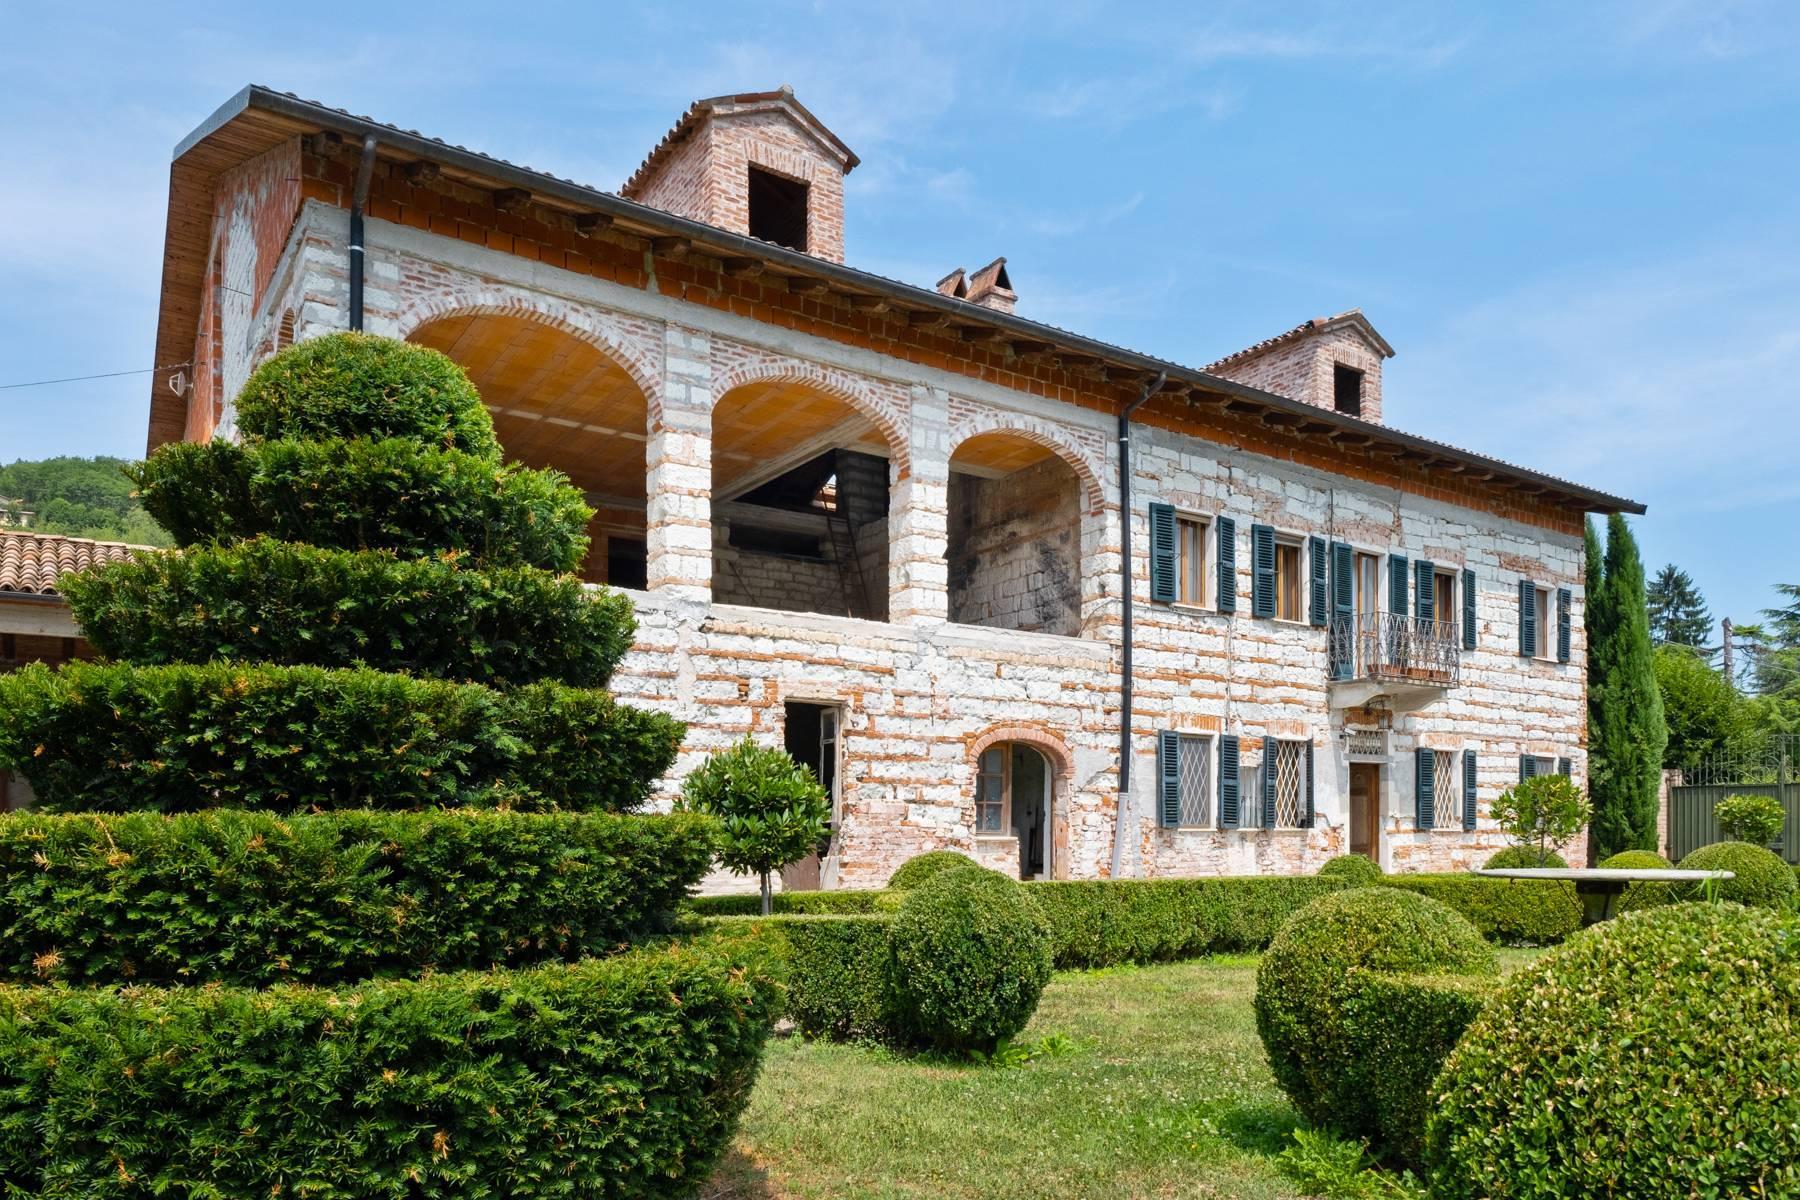 Affascinante casale con piscina nel verde delle colline del Monferrato - 12